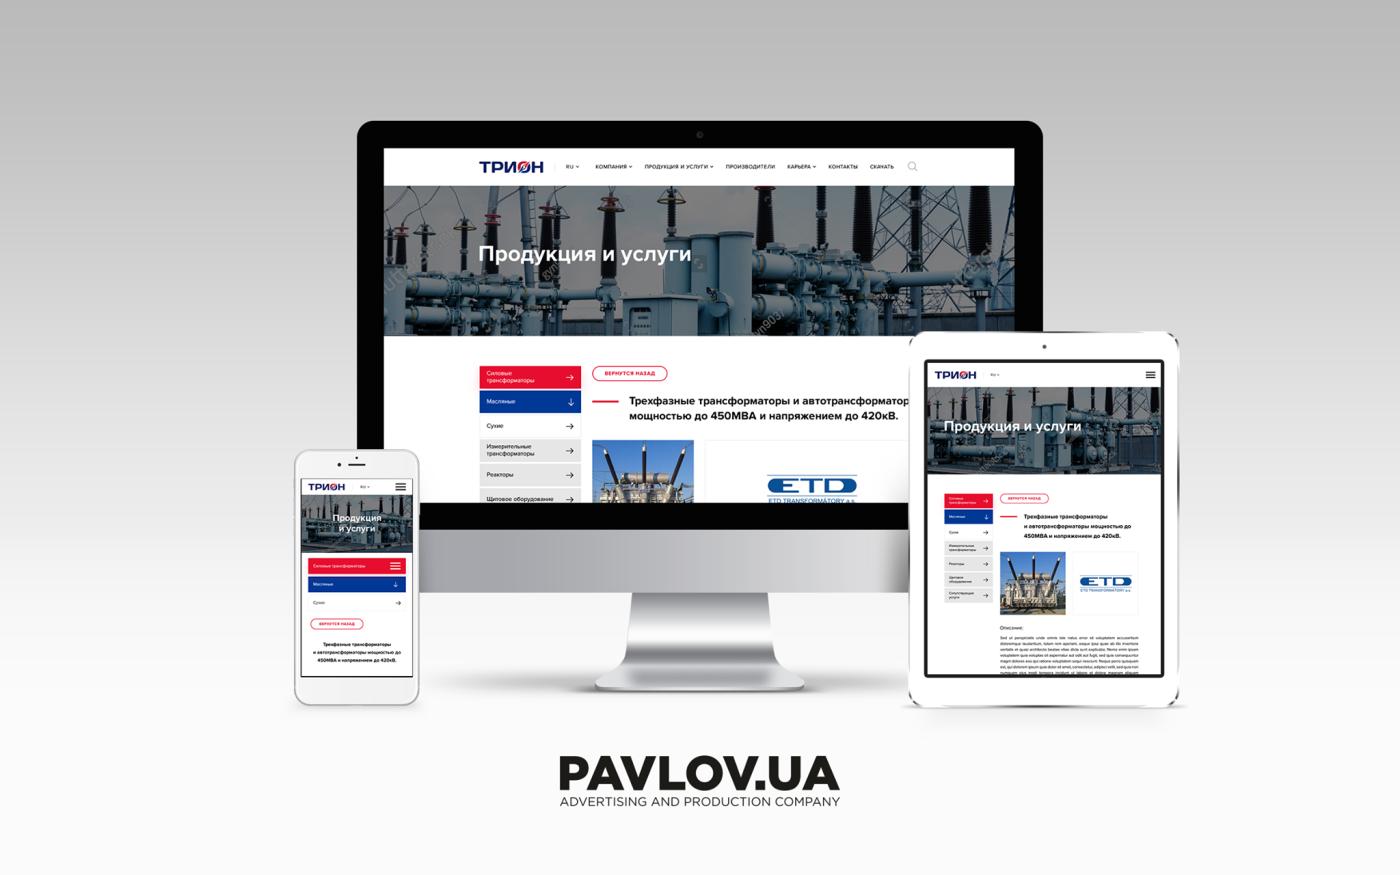 Компанія Pavlov.ua увійшла в ТОП 100 кращих digital-агентств України, фото-15